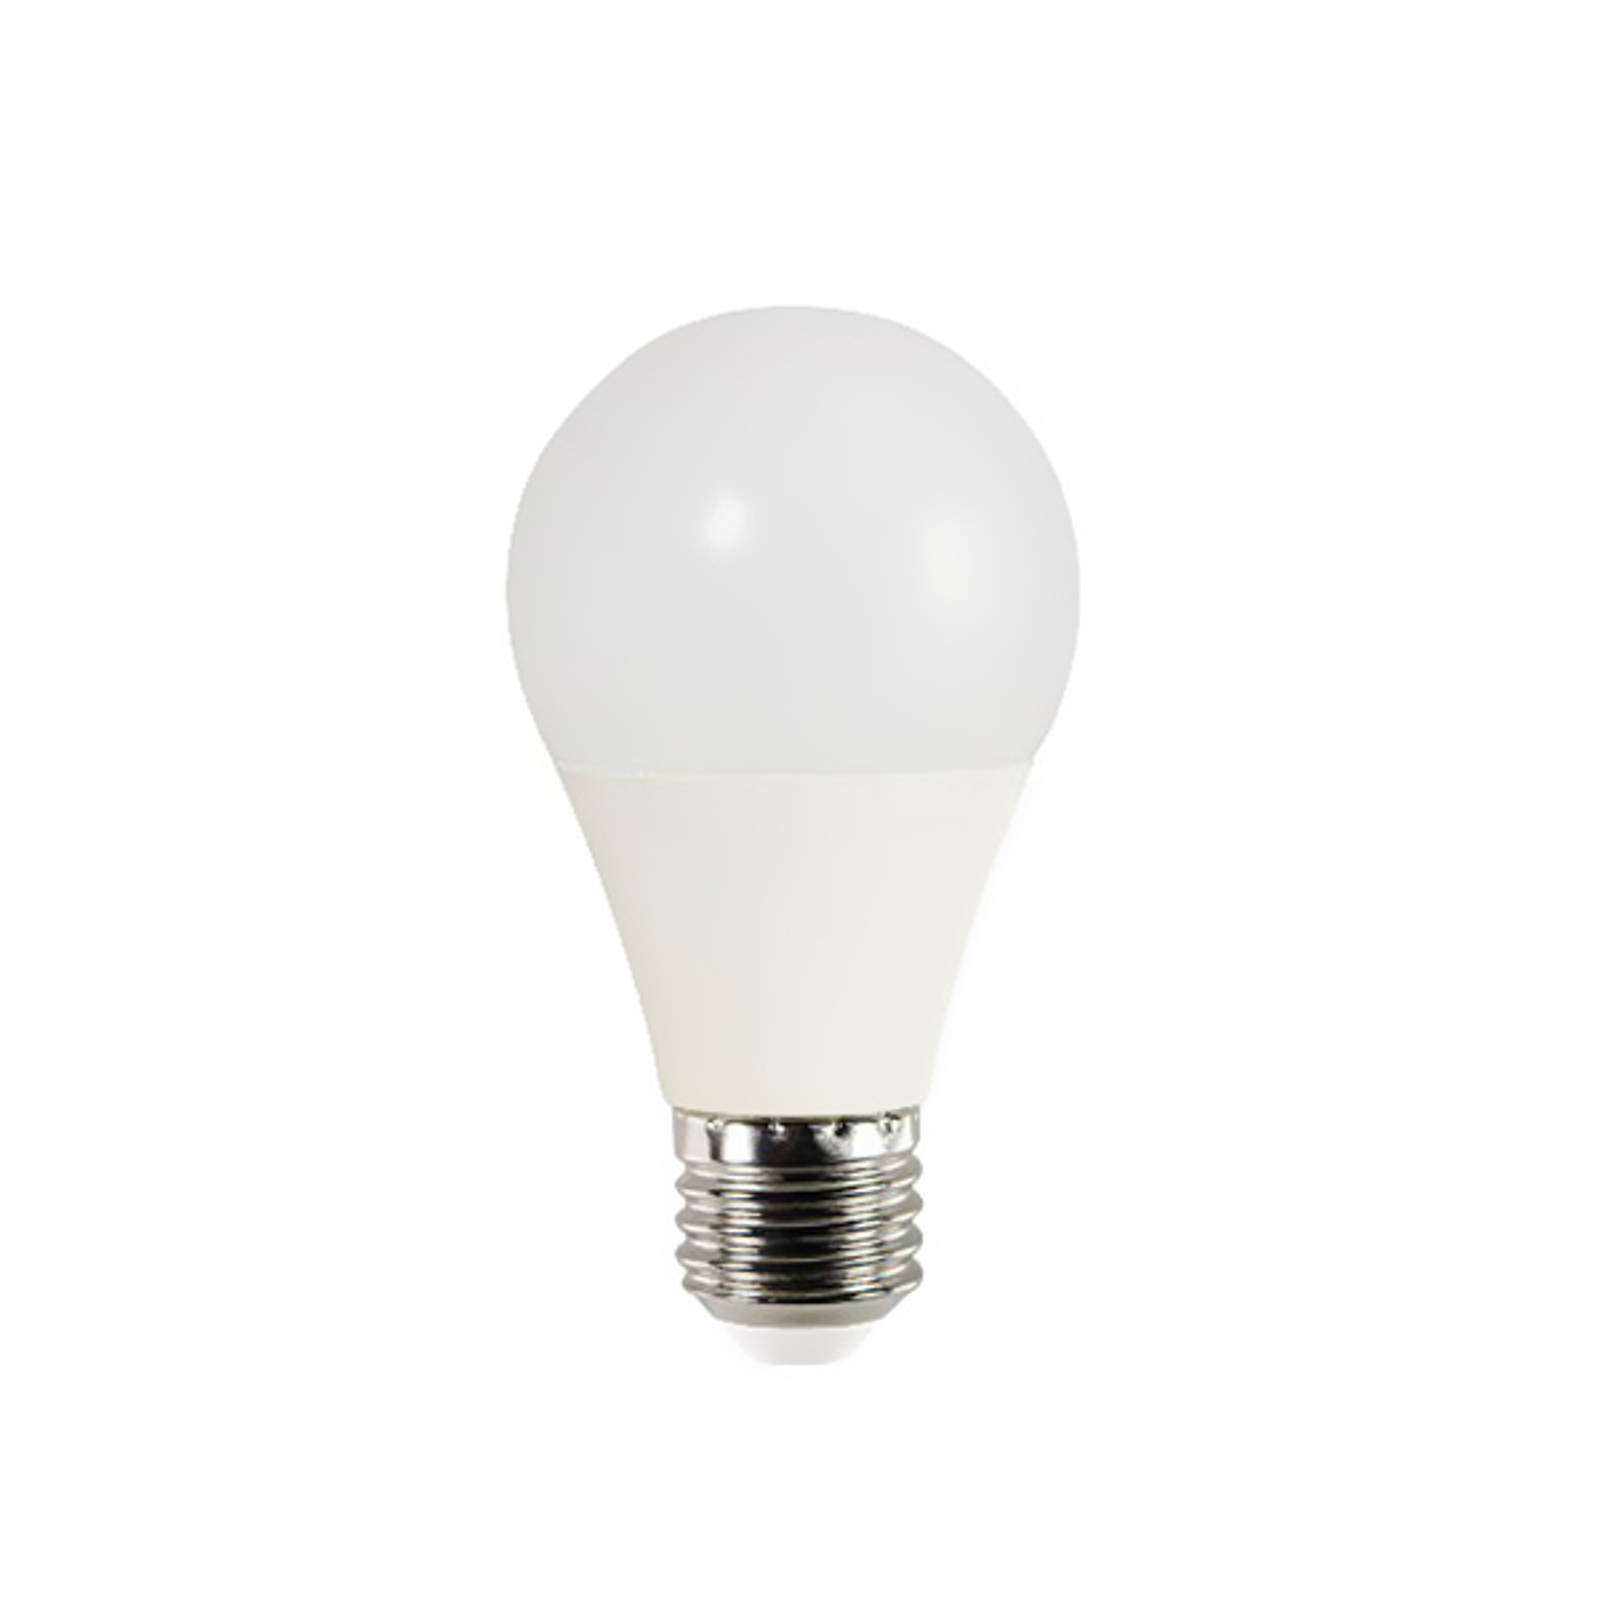 E27 8W 828 tradycyjna żarówka LED Araxa